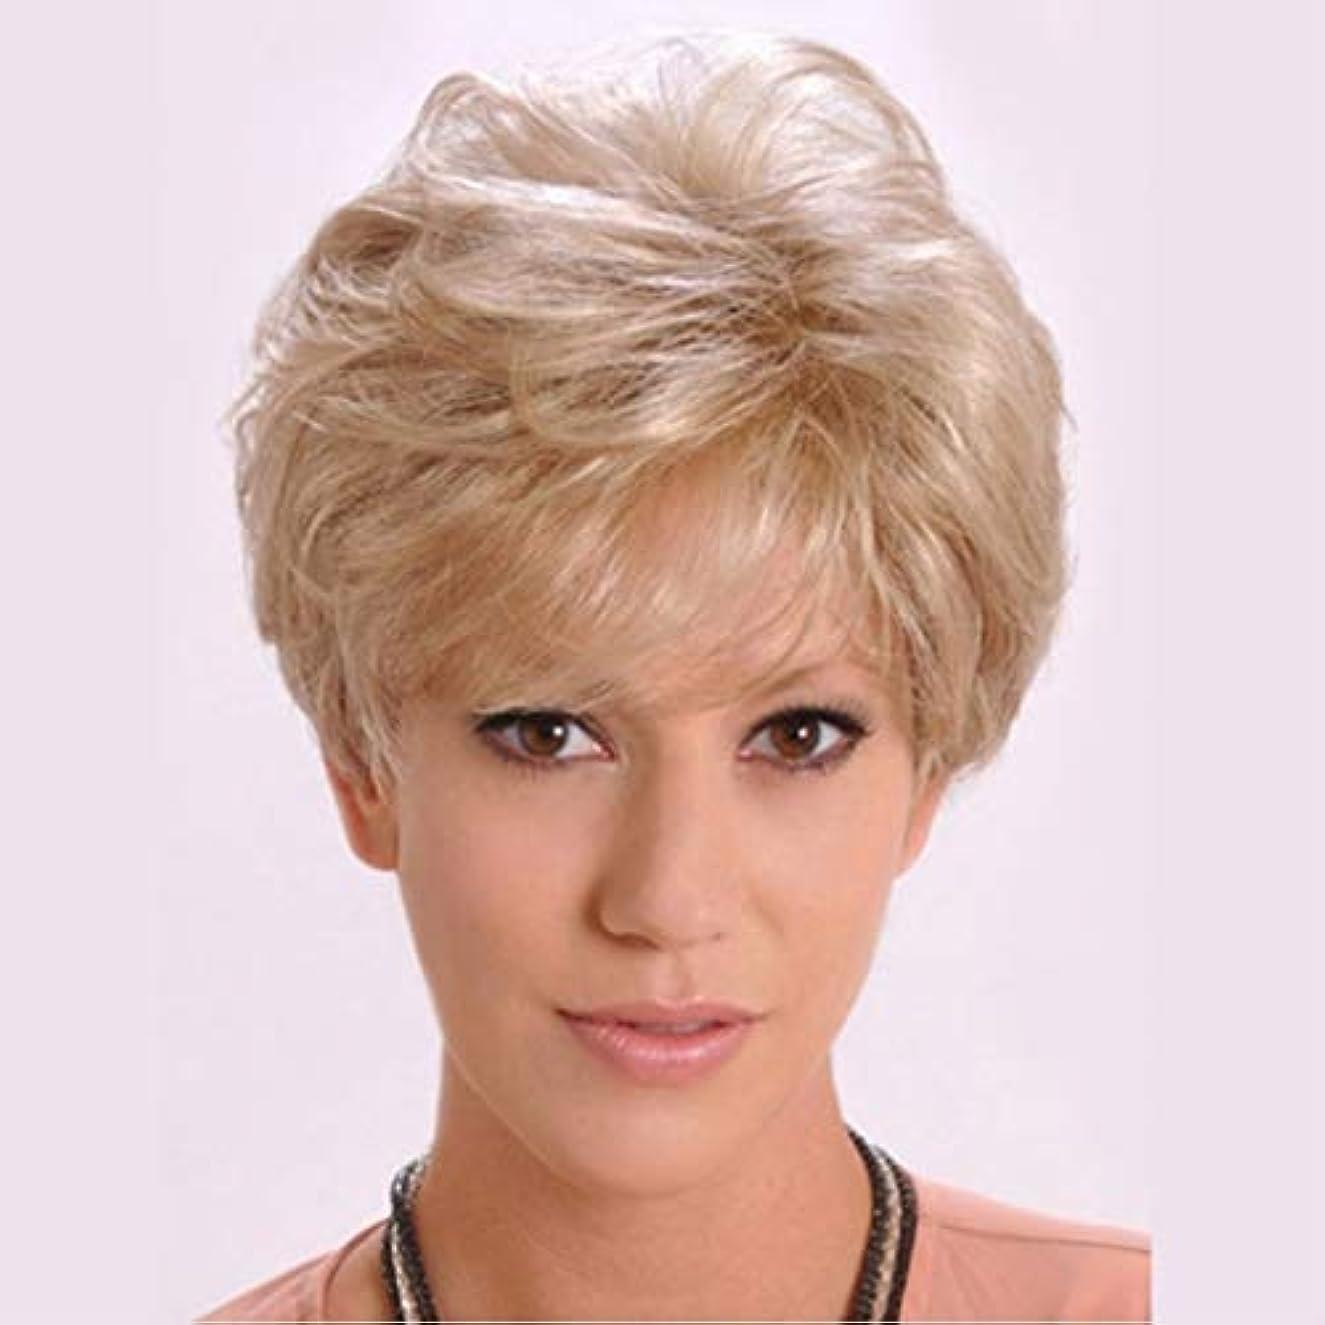 暖かく代数敗北Kerwinner 女性のための短い巻き毛のかつら短い髪のふわふわブロンドの巻き毛のかつら (Color : Light brown)